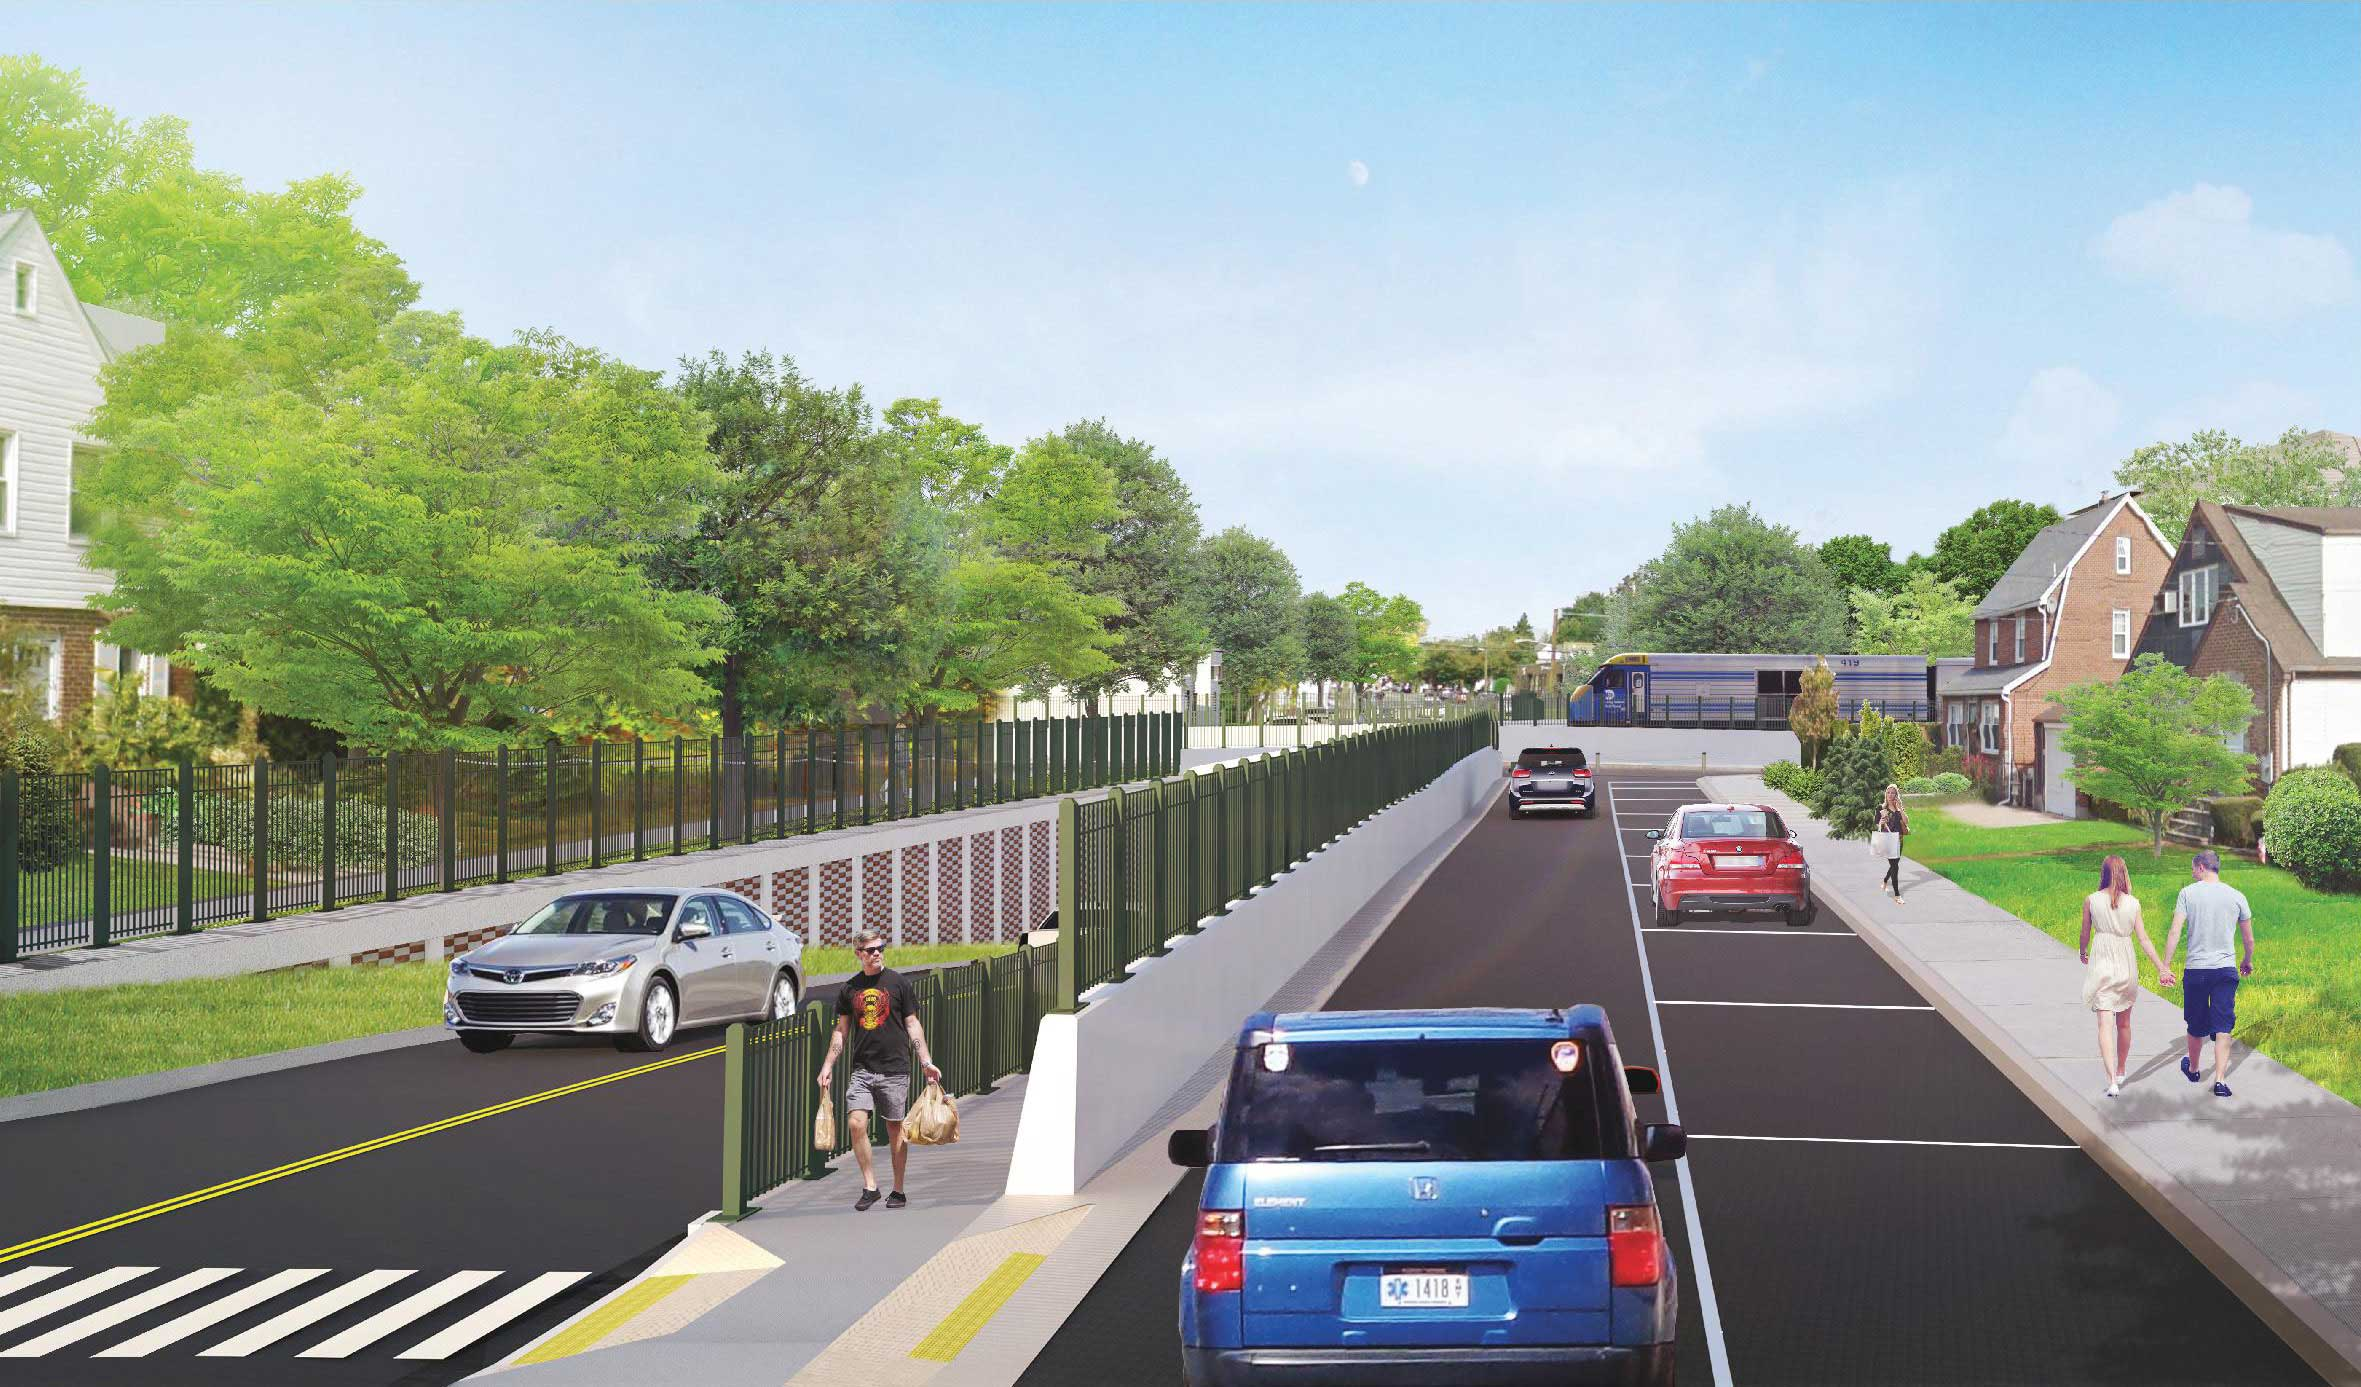 Covert Avenue Grade Crossing Elimination - A Modern LI